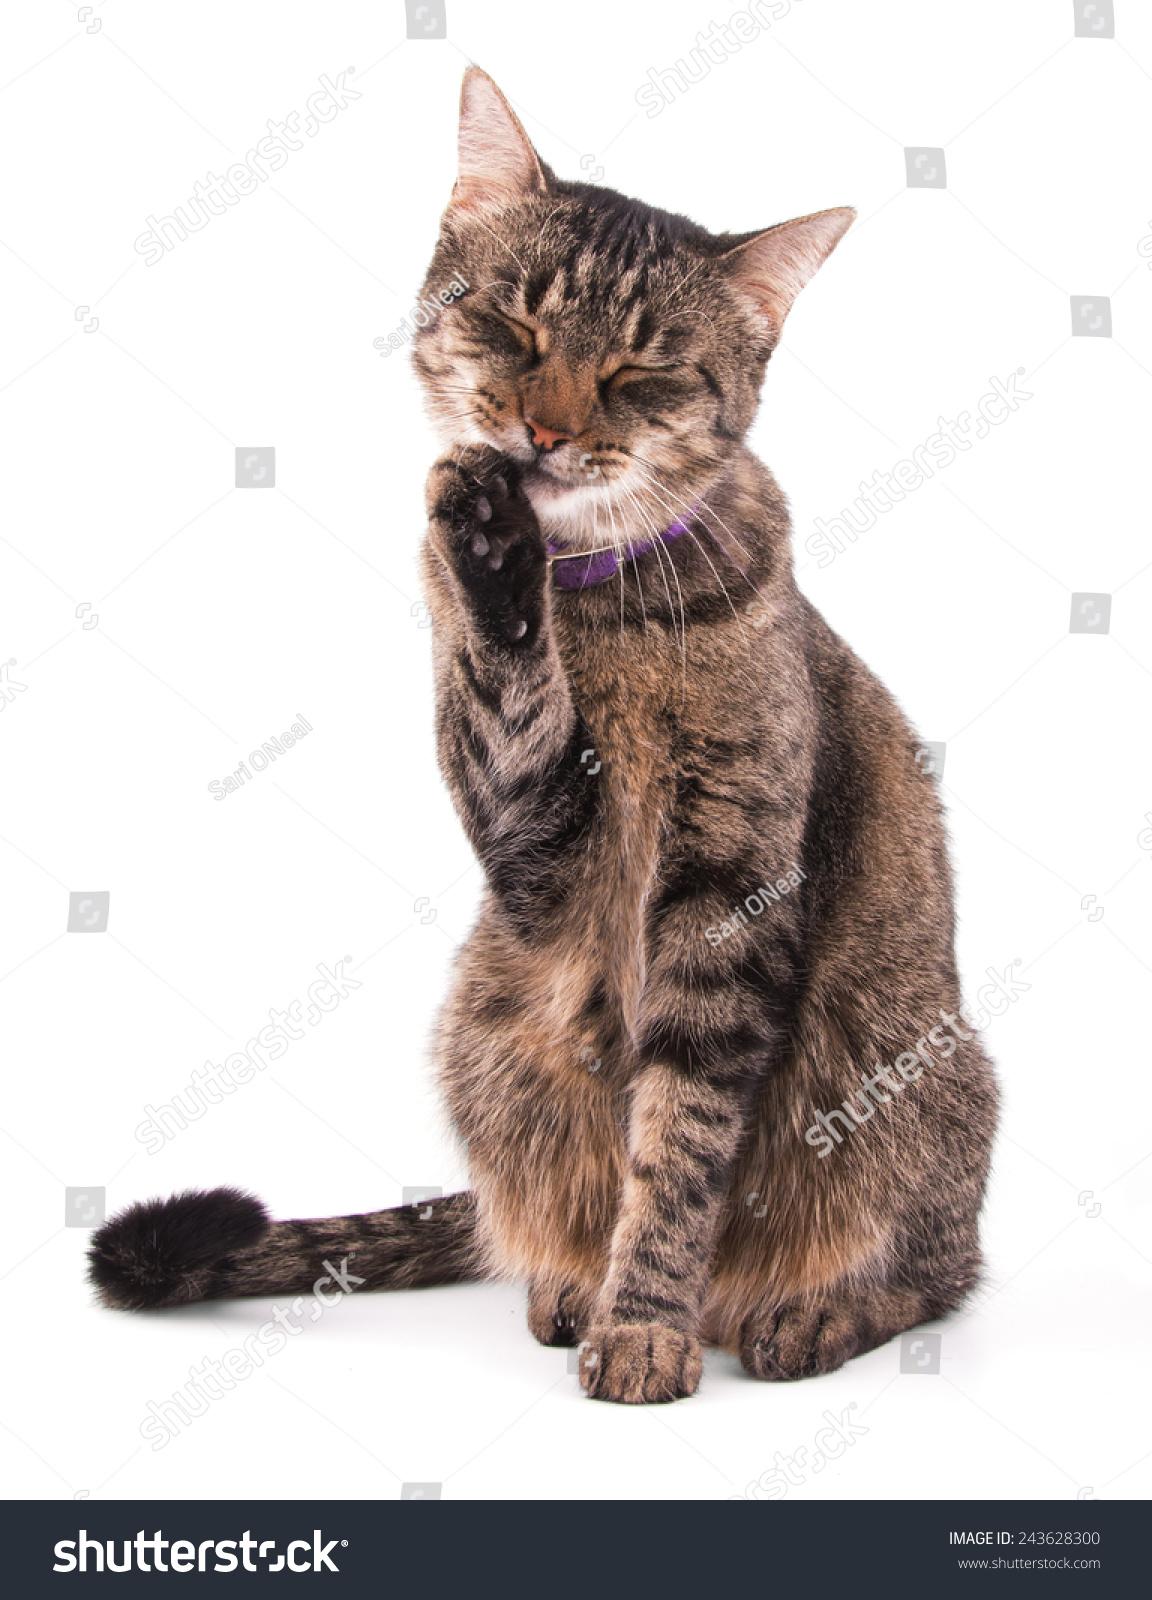 棕色的虎斑猫舔她的爪子是白色的-动物/野生生物-海洛